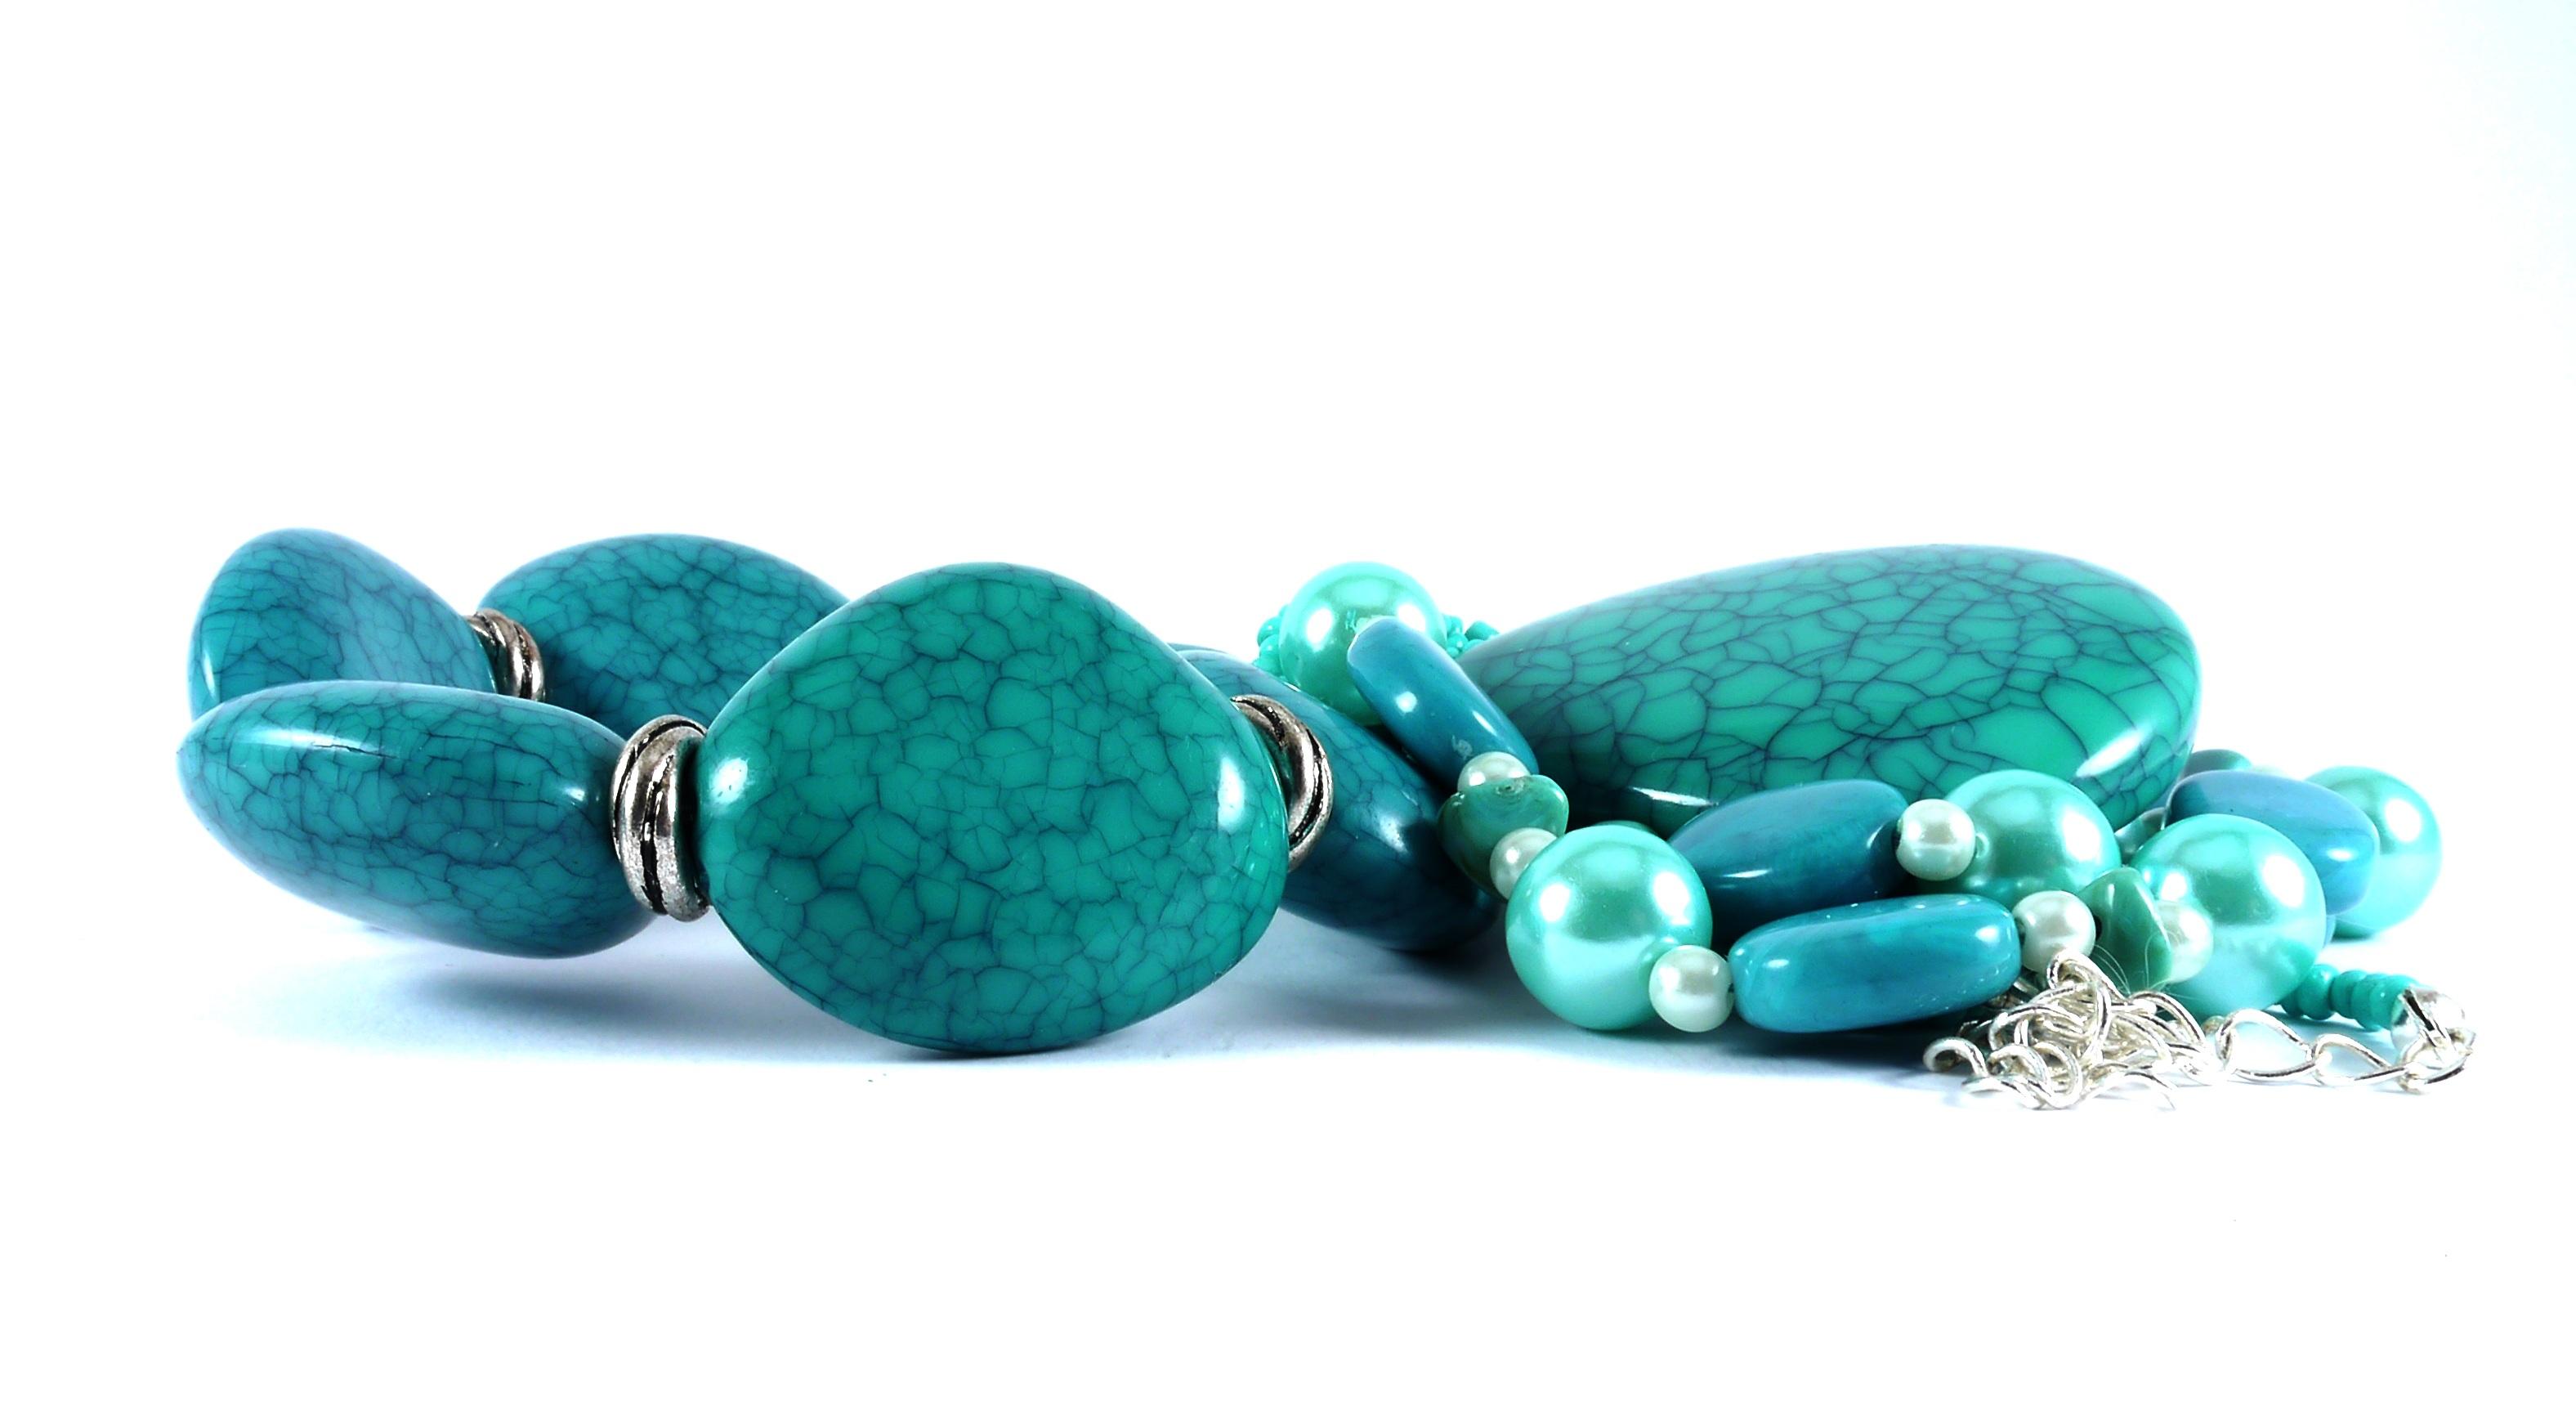 Fotos gratis moda tal n joyer a collar pulsera for Piedra preciosa turquesa